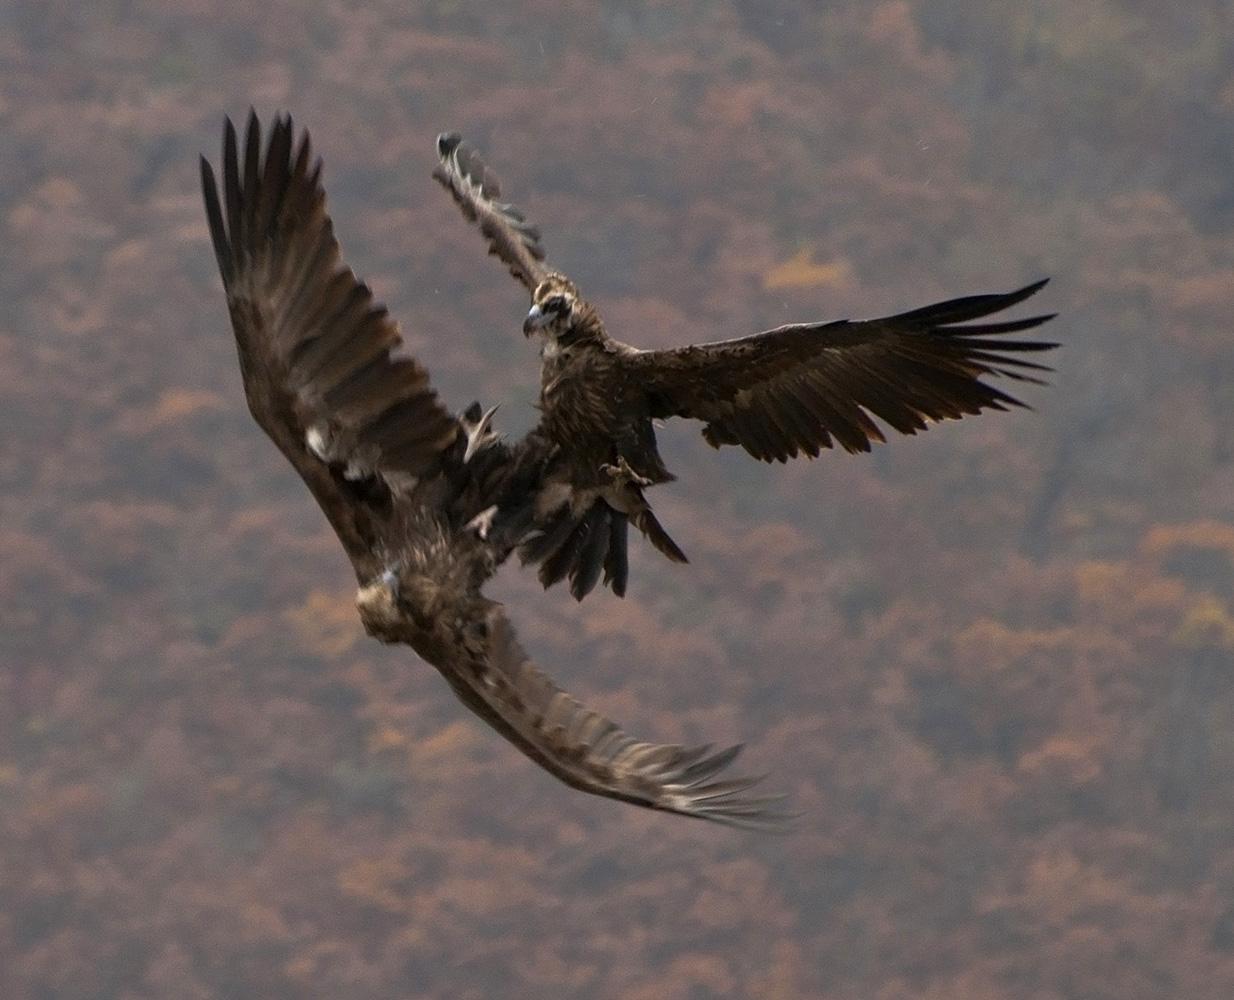 """фото """"Воздушная дуэль 2"""" метки: природа, горы, гриф, дикие животные, крылья, полет, размах"""